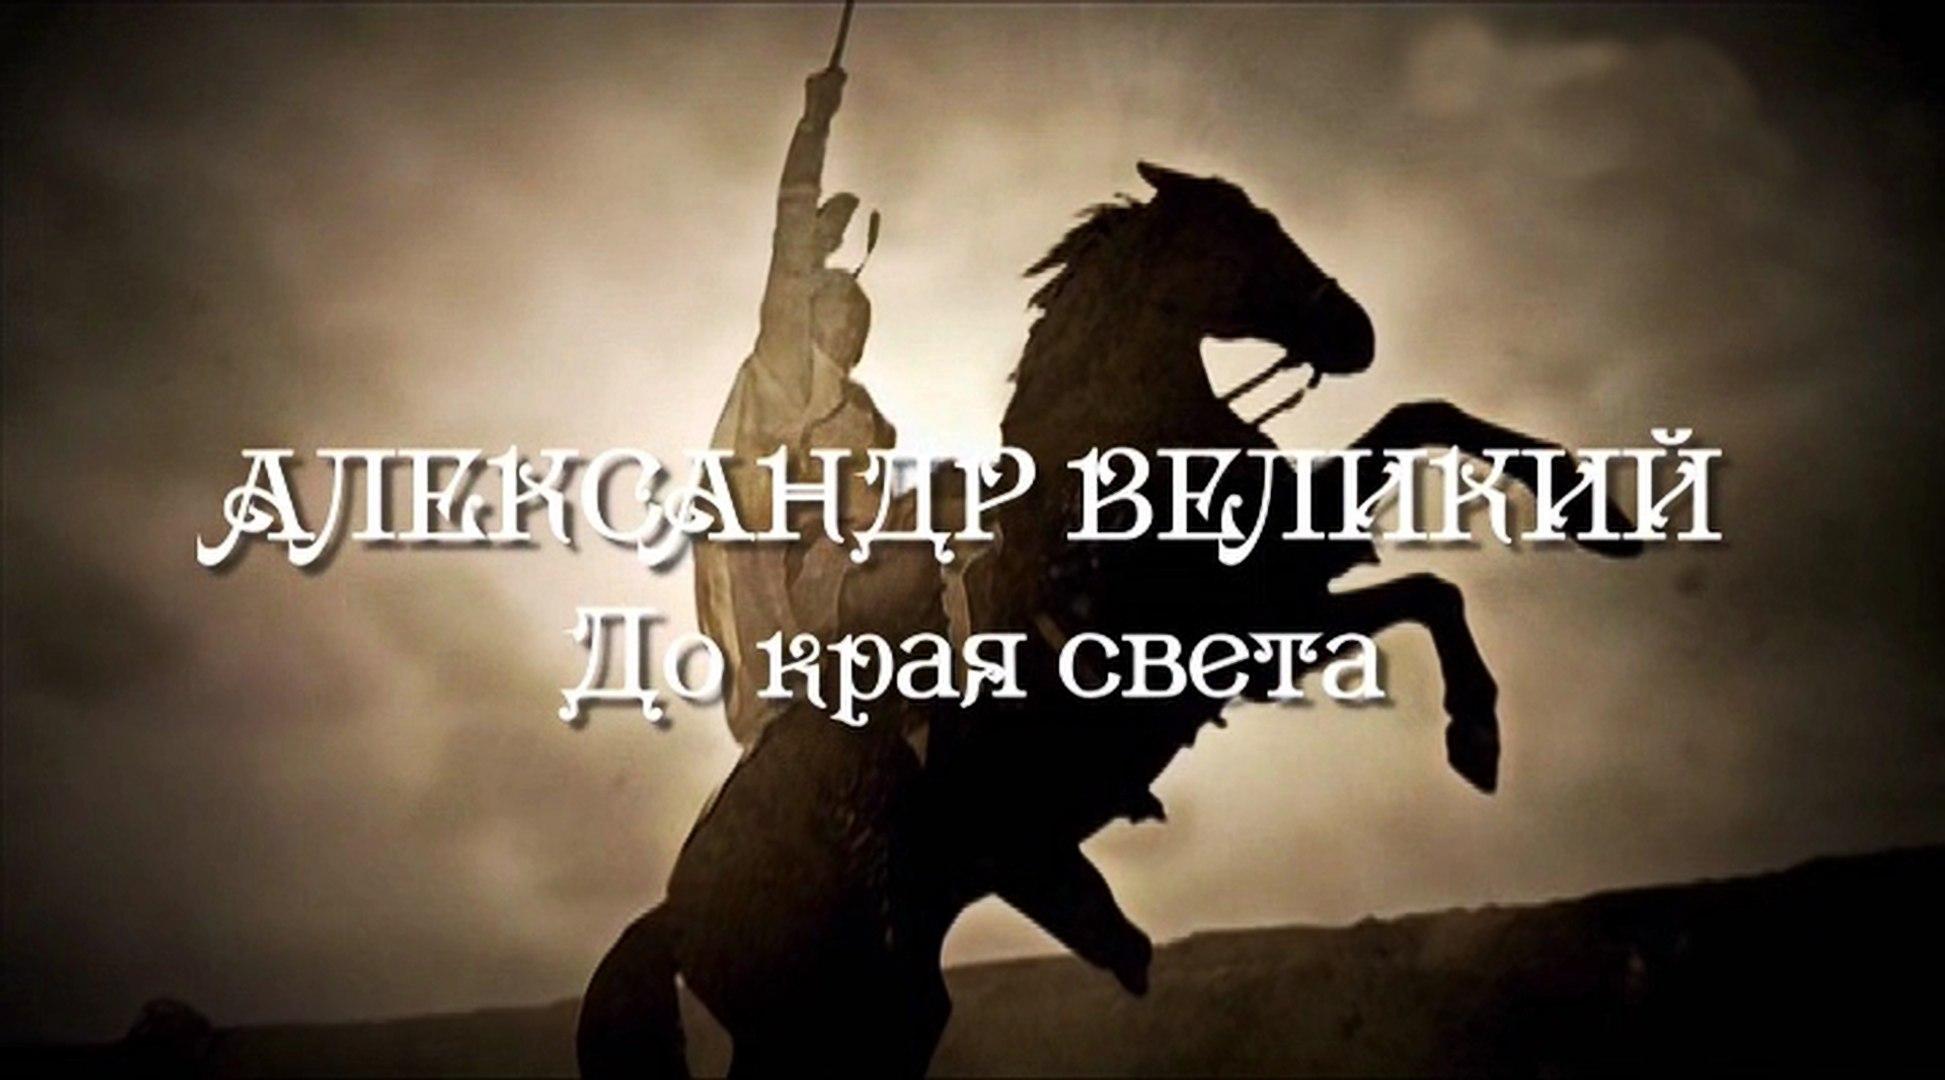 Александр Великий 2. До края света / Alexander der Grobe (2014)